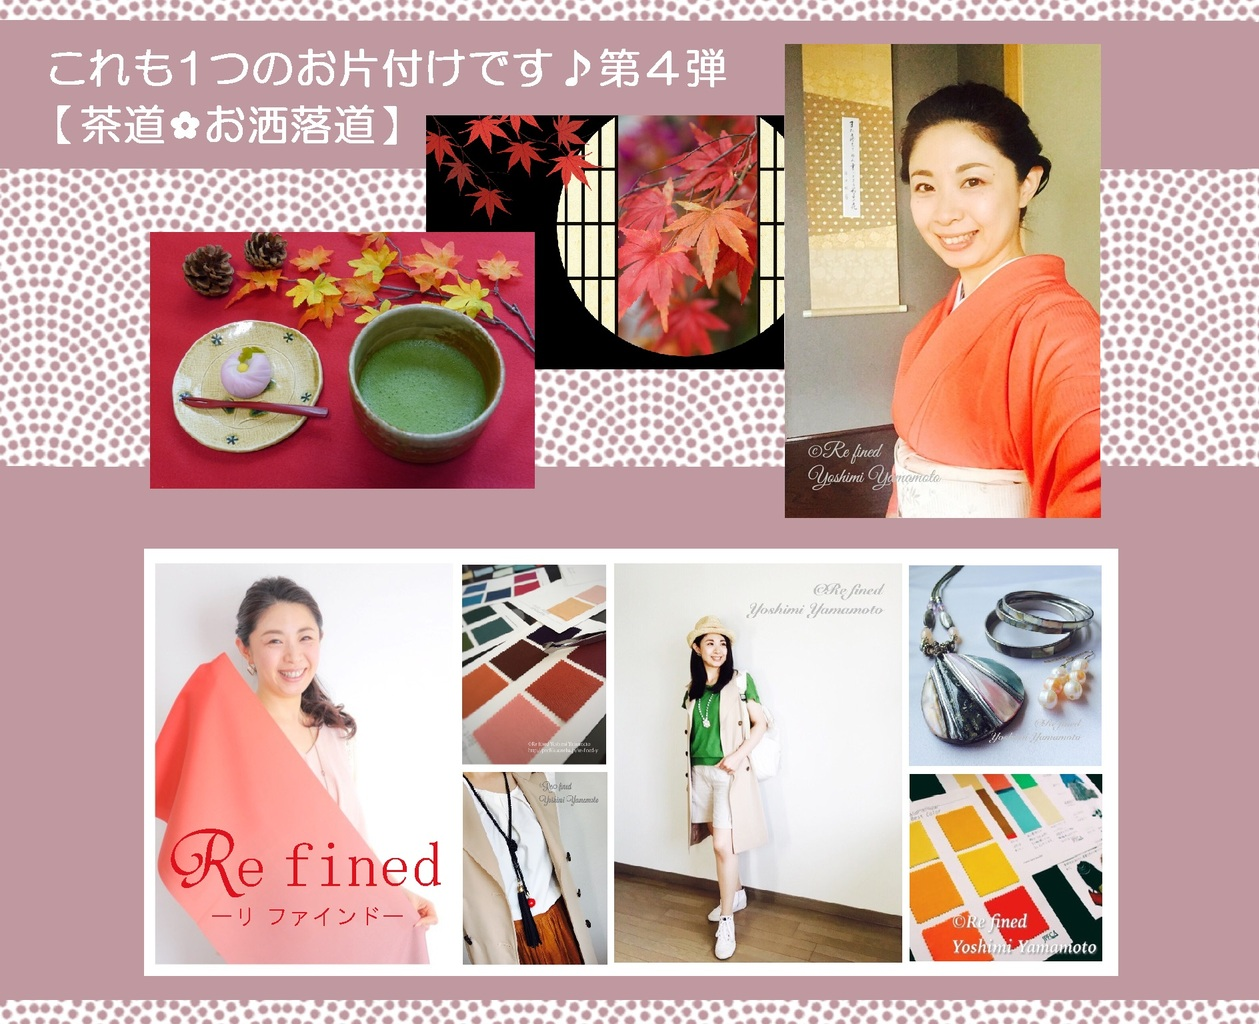 ドーロカフェイベント第4弾  初めての茶道体験&お洒落道  西区 (9/24) 札幌